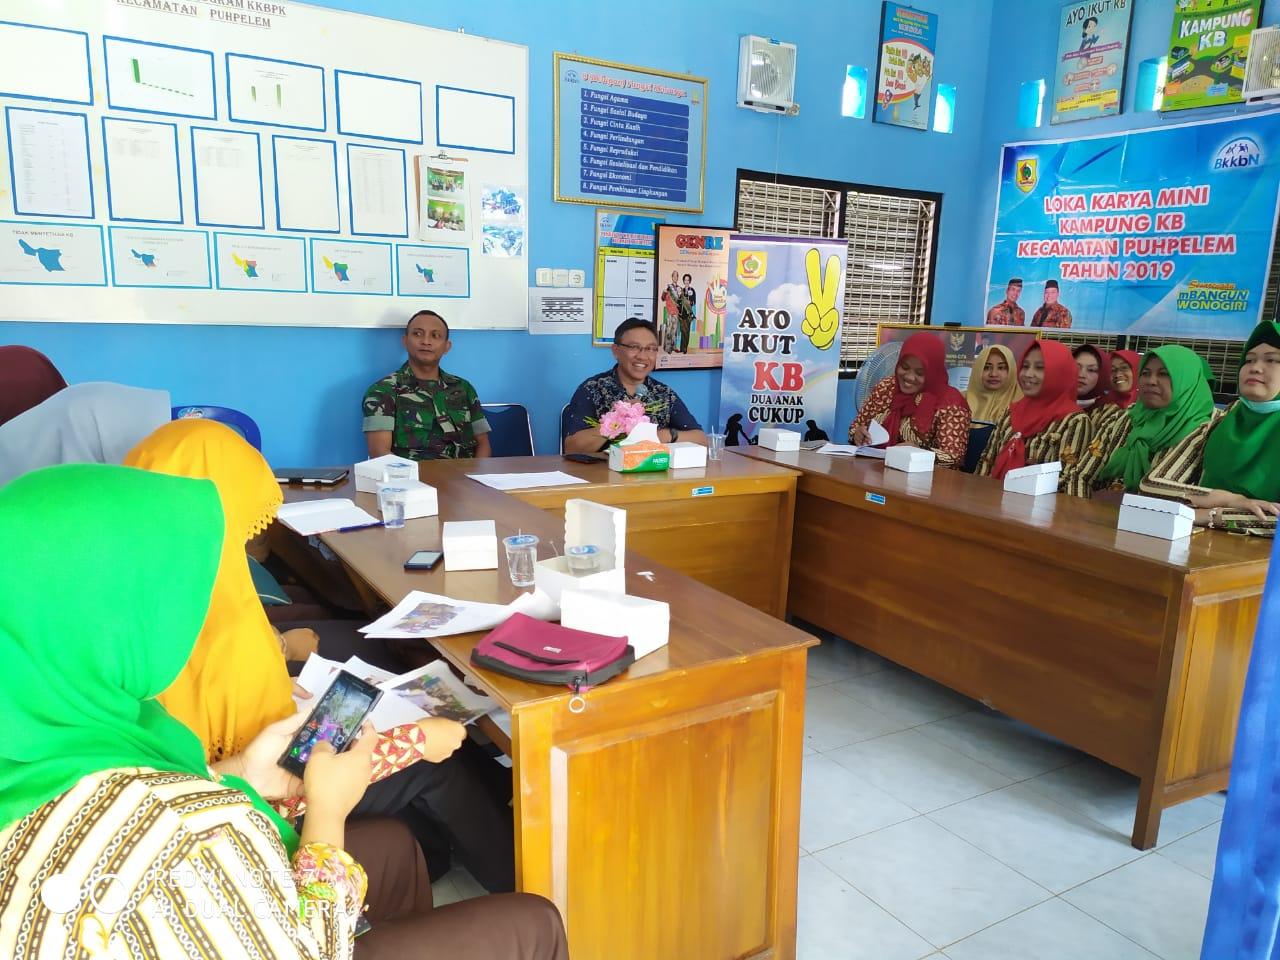 Photo of Babinsa Selalu Siap Membantu Sukseskan Program KB